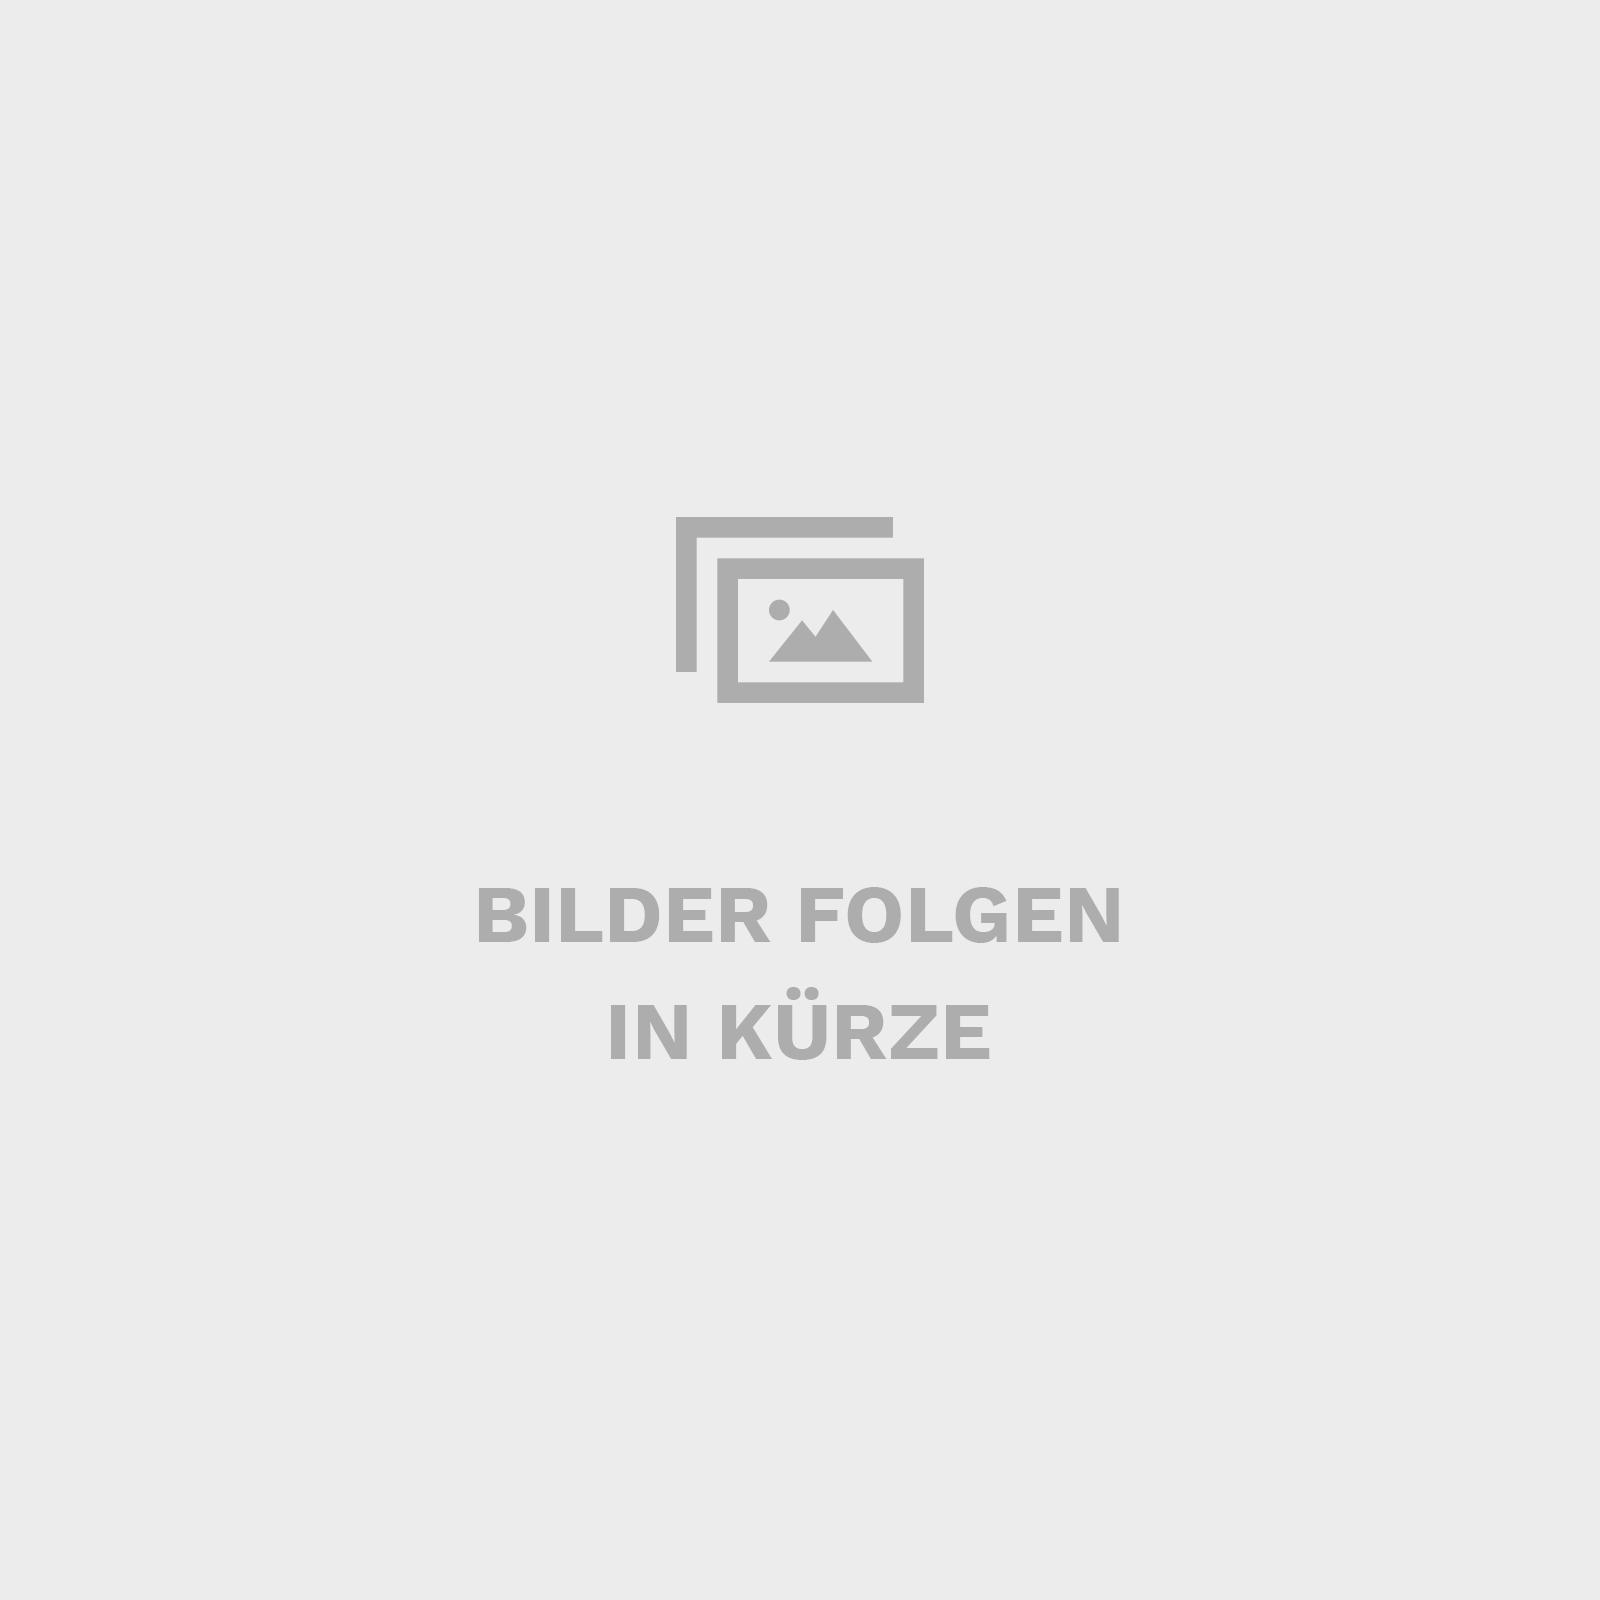 bogenleuchte central floor von serien lighting für 188100